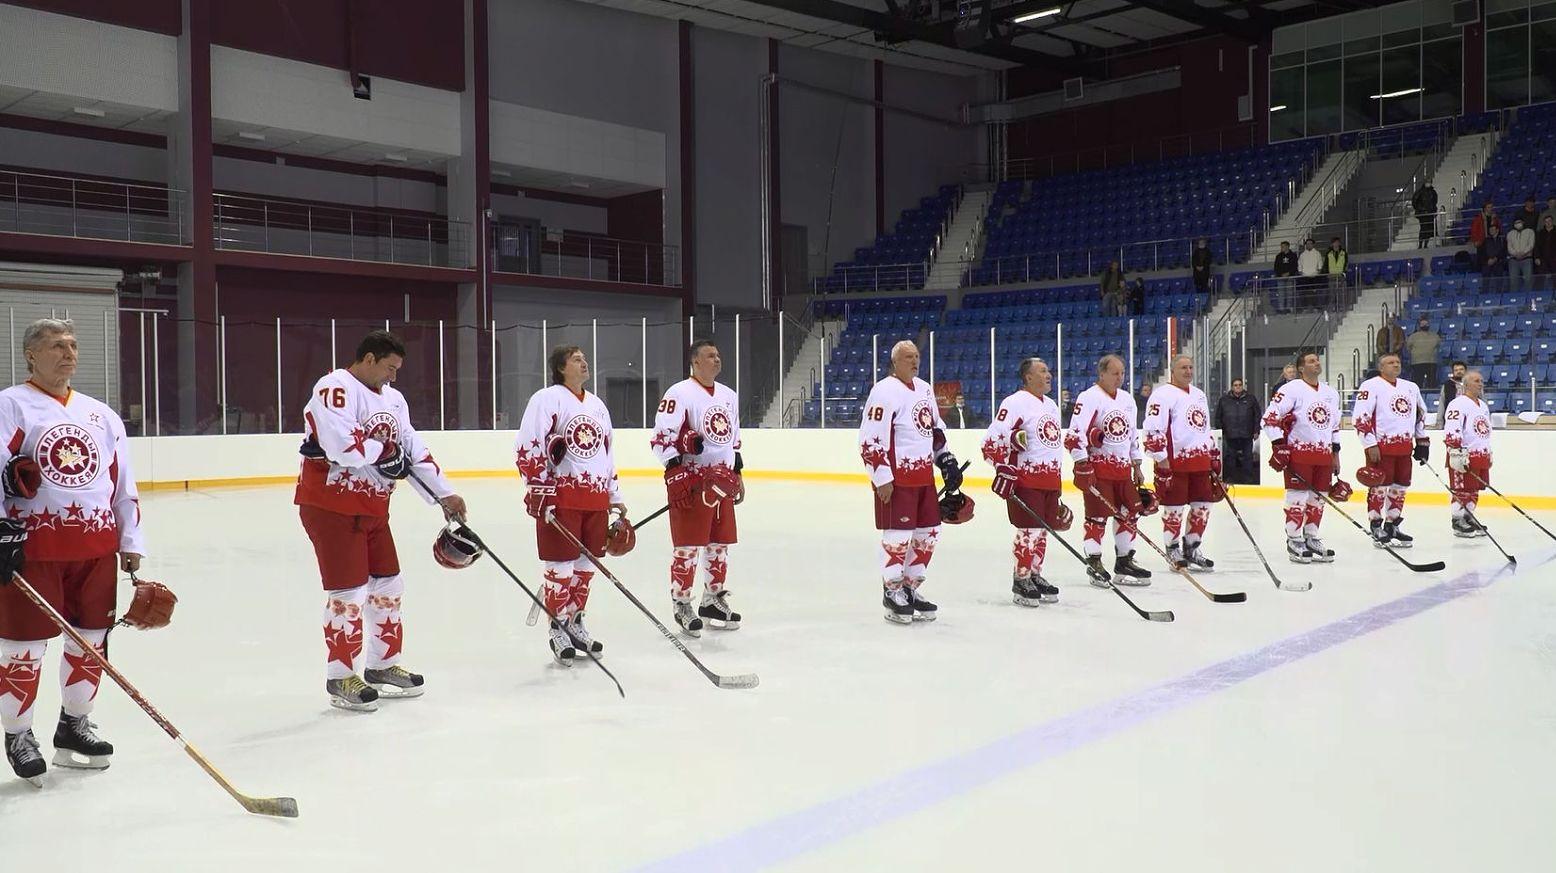 В Ярославле прошел товарищеский матч в честь триумфа сборной СССР по хоккею на Кубке Канады-1981